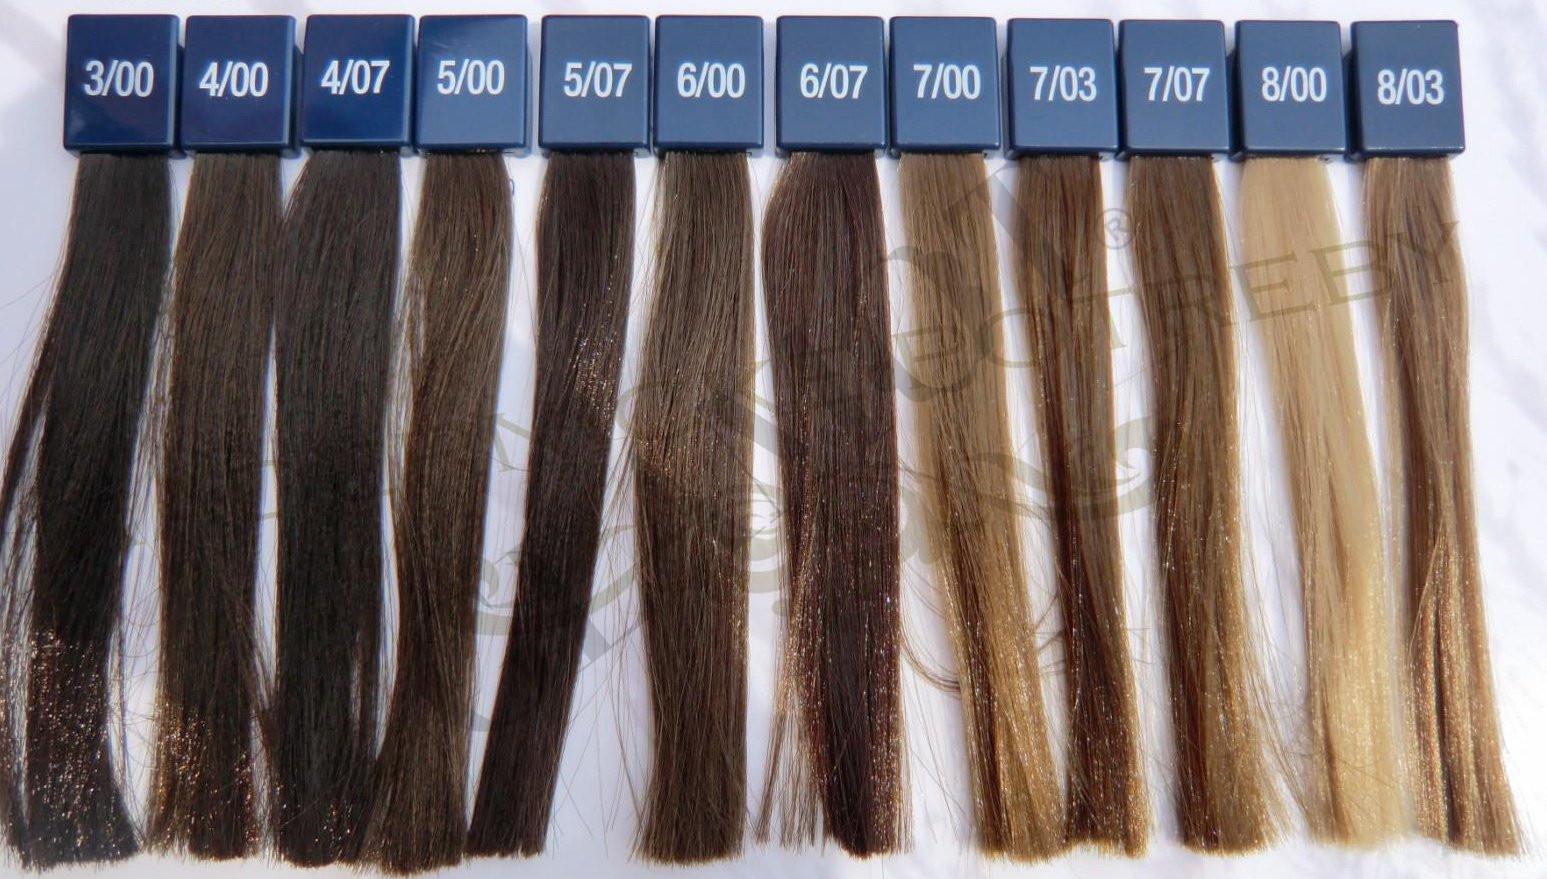 Краска для волос 33 товары красоты и wella 33/0 темно-коричневый интенсивный краска для волос / koleston 60 мл